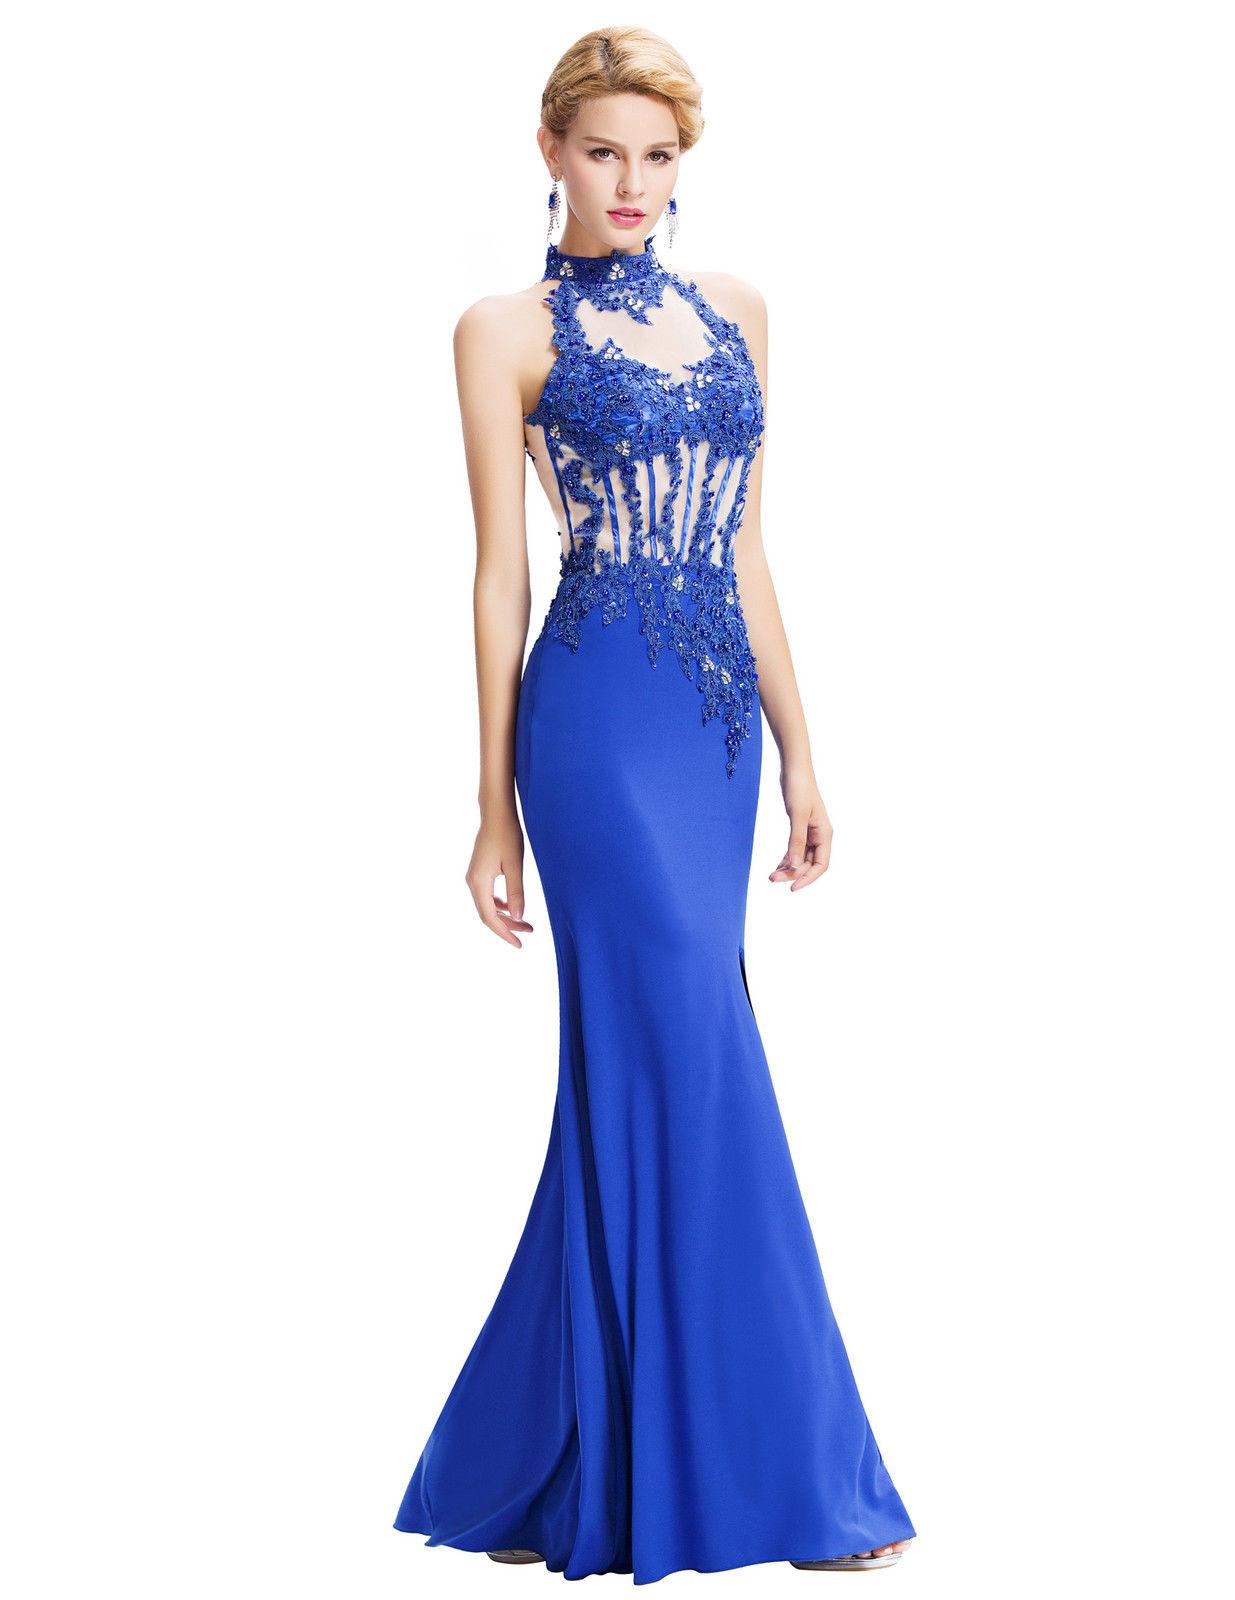 Tyto krásné šaty s kontrastním krajkovým vrškem Vám dodáme po zaslání  vašich mír obvod prsa 5e8238517d8